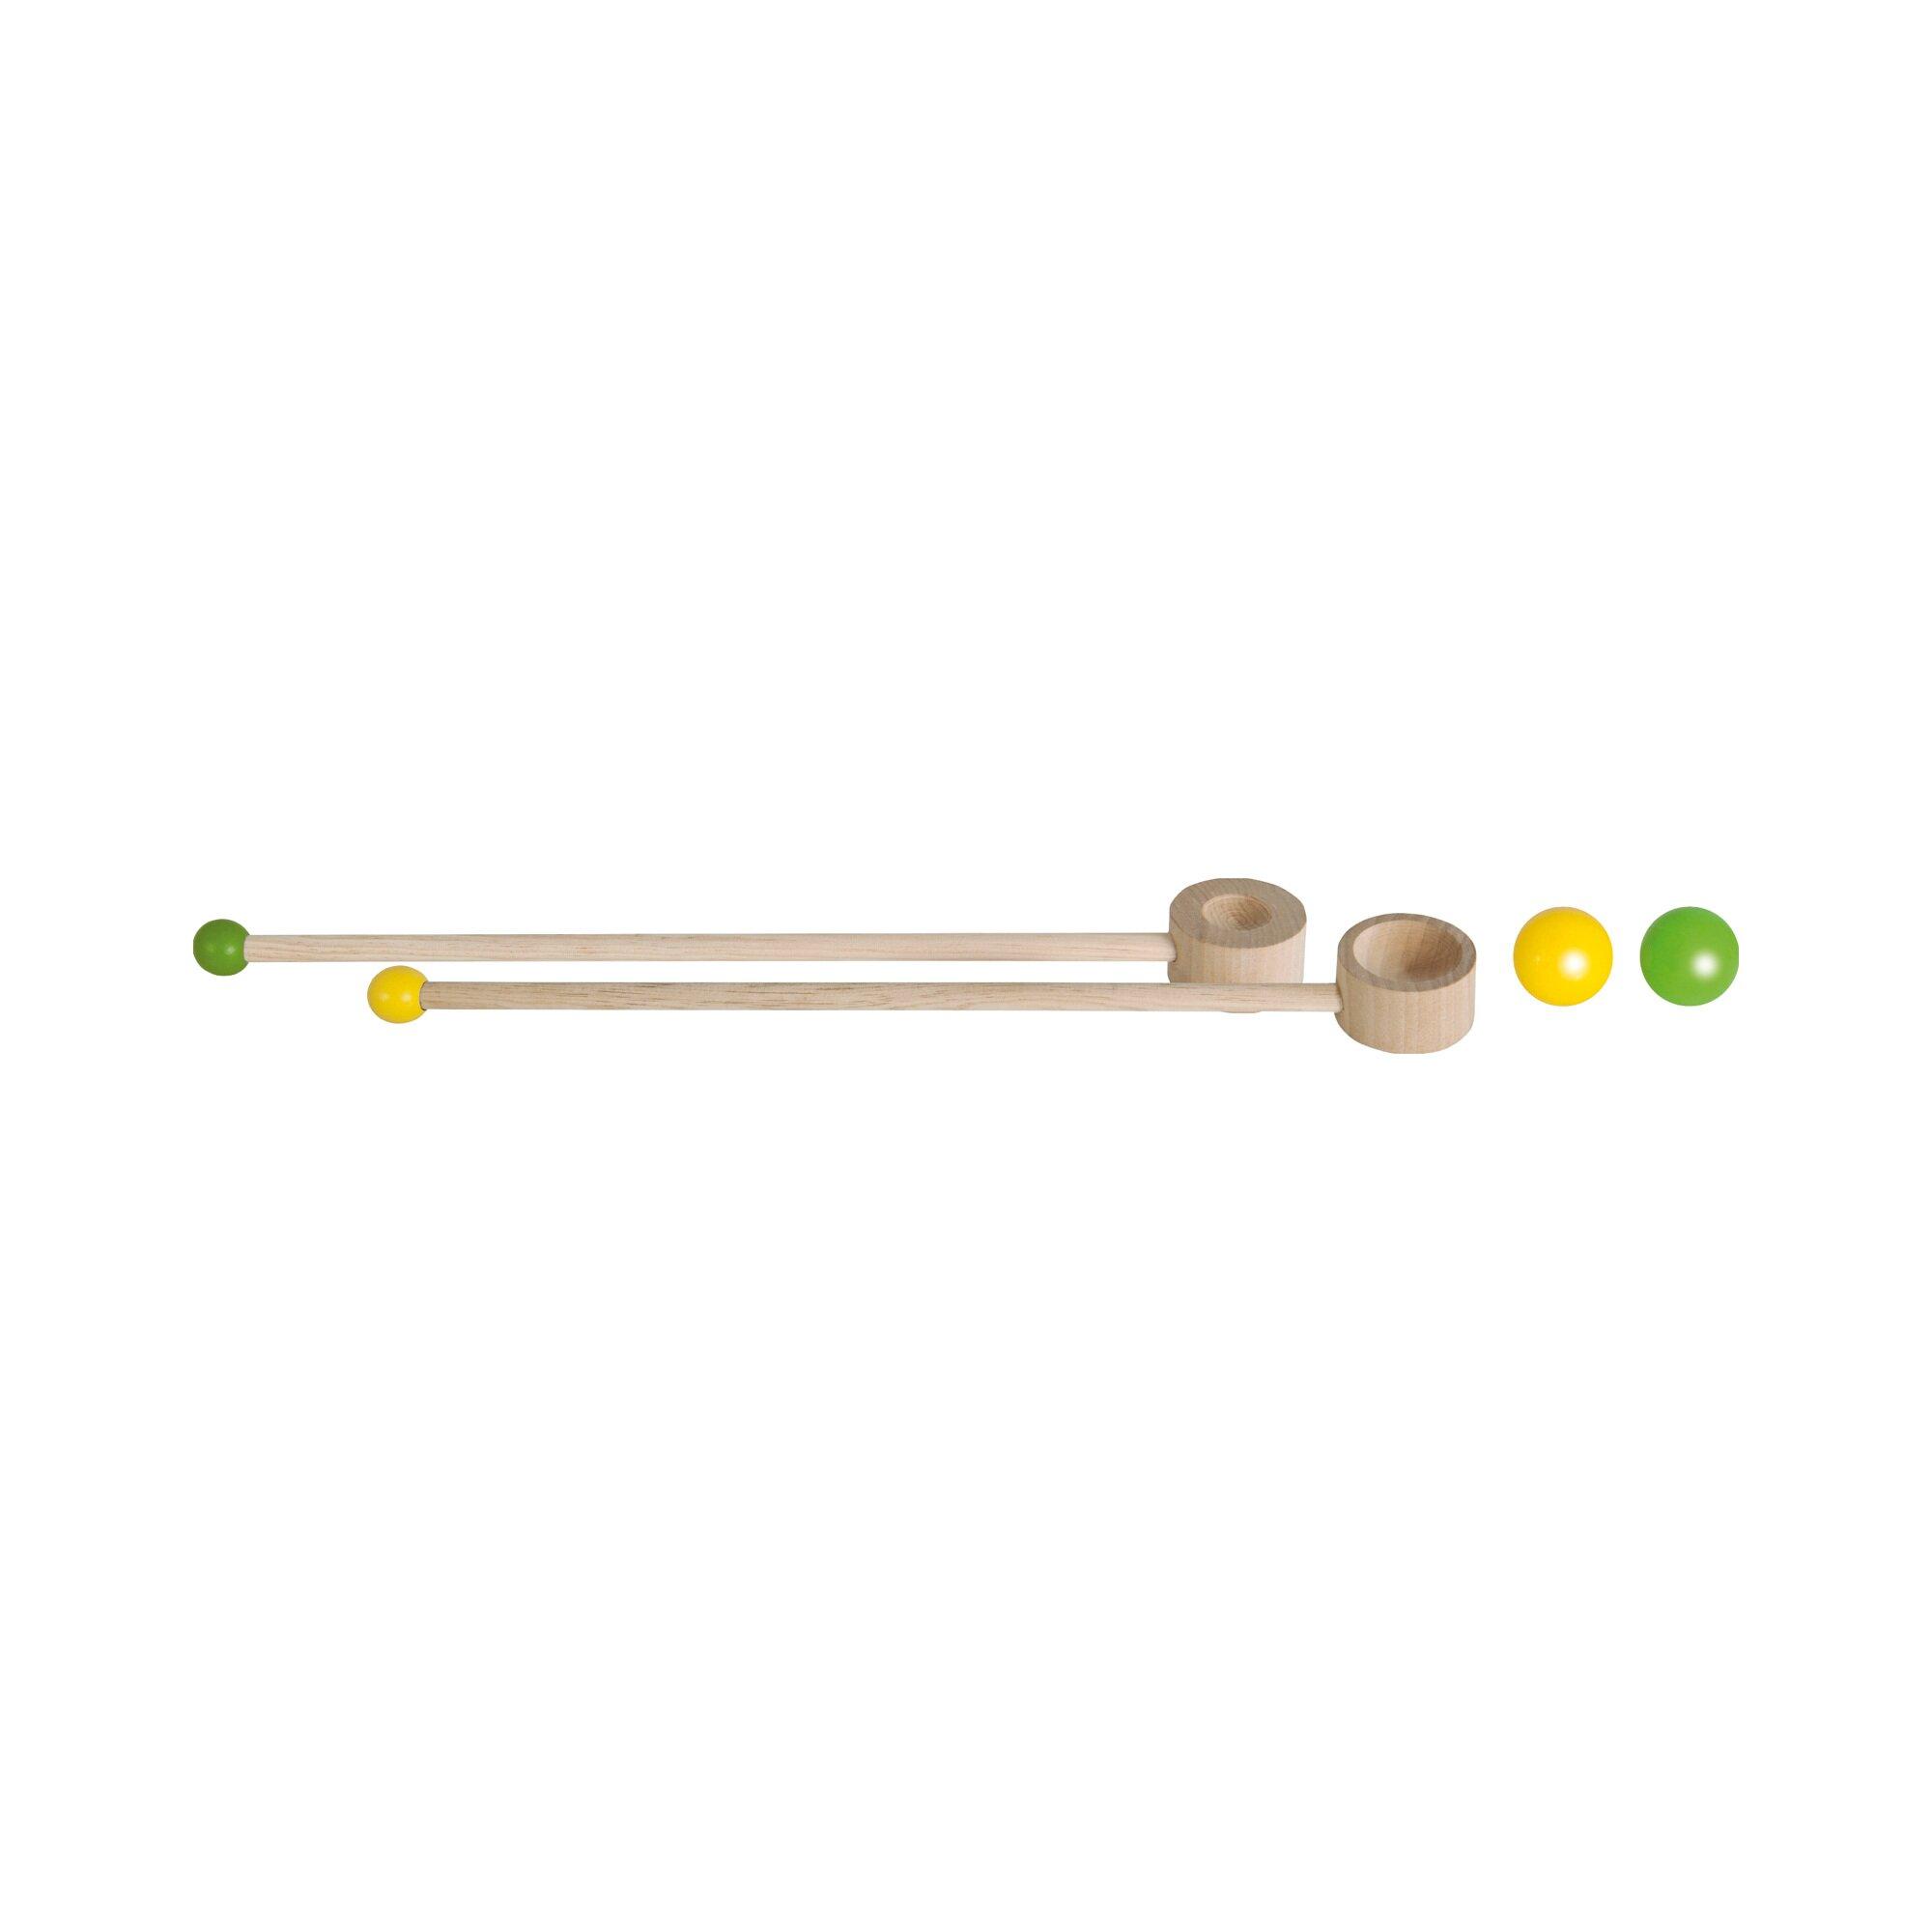 eichhorn-balancier-spiel